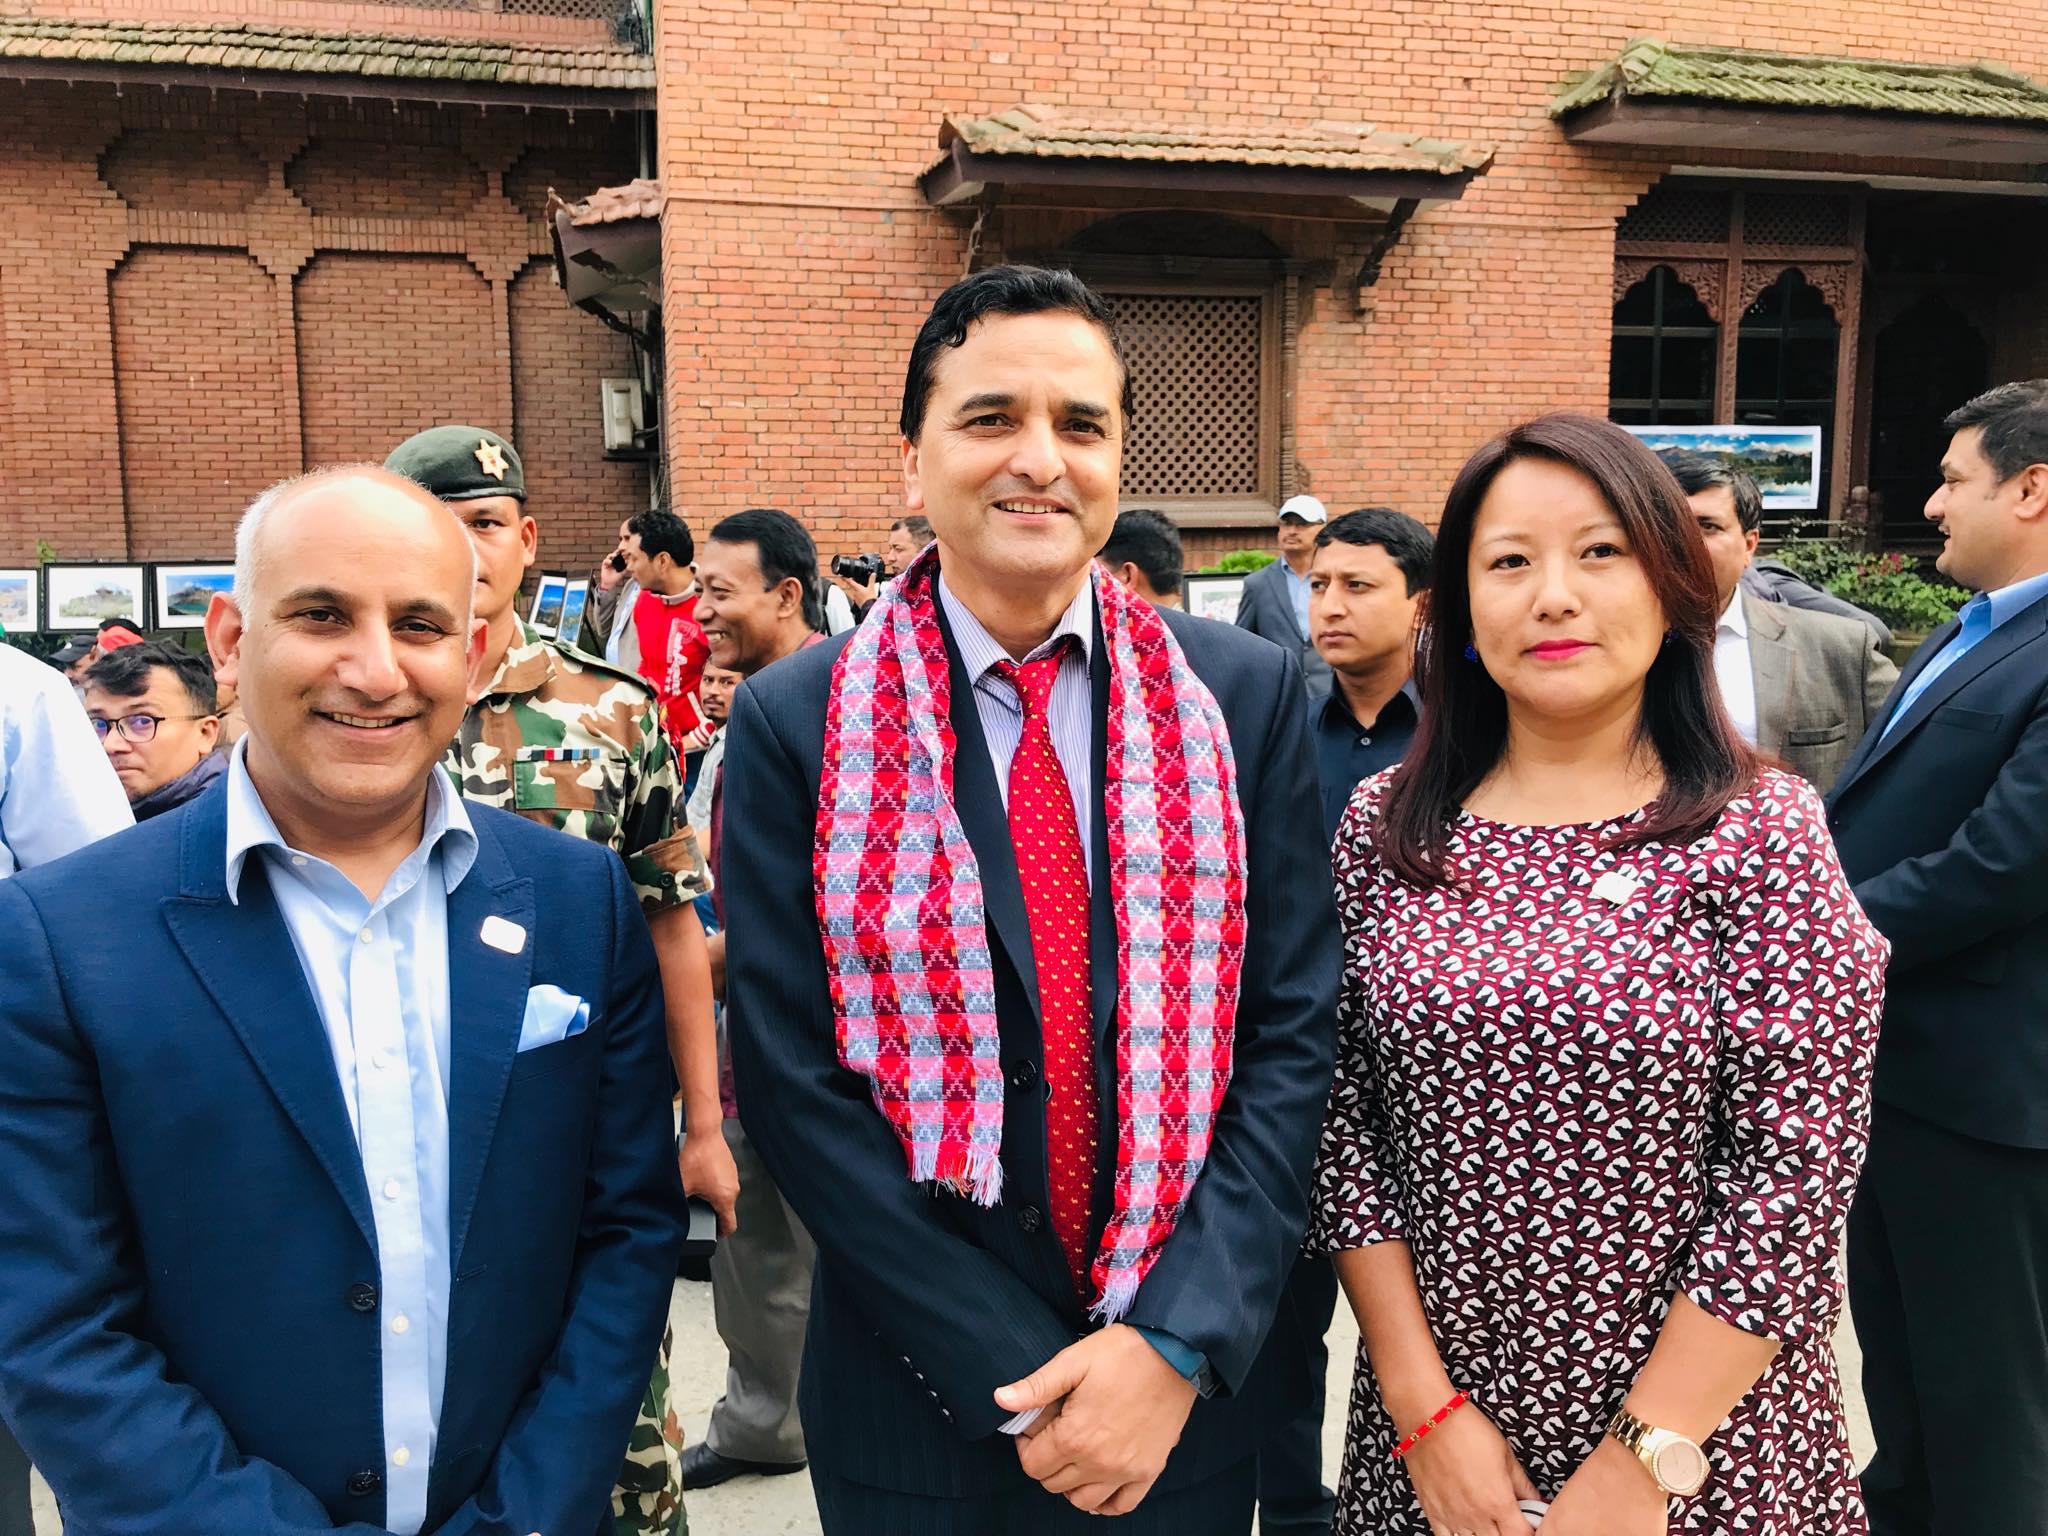 छिरीङ डोल्मा शेर्पा नेपाल पर्यटन बोर्डको पर्यटन सदभावना दुतमा नियुक्त